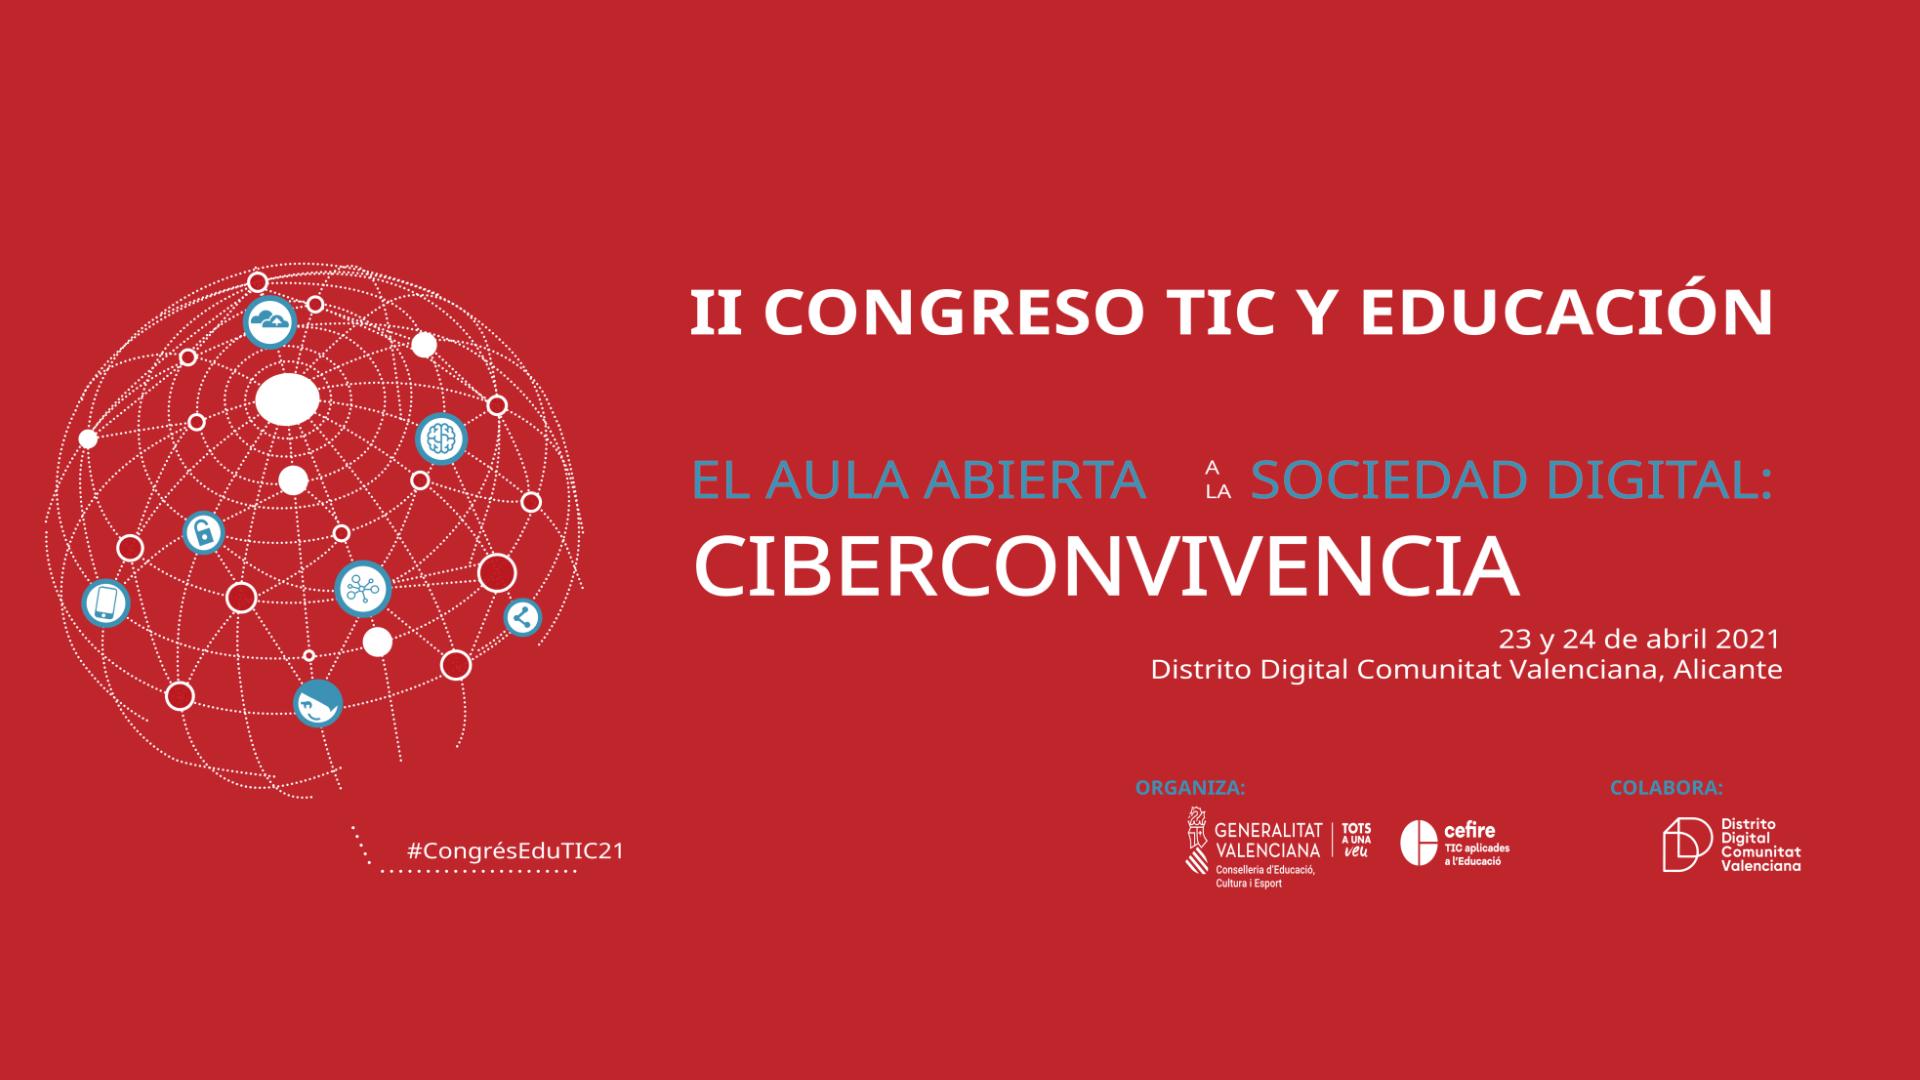 II-Congreso-TIC-y-Educacion-Ciberconvivencia